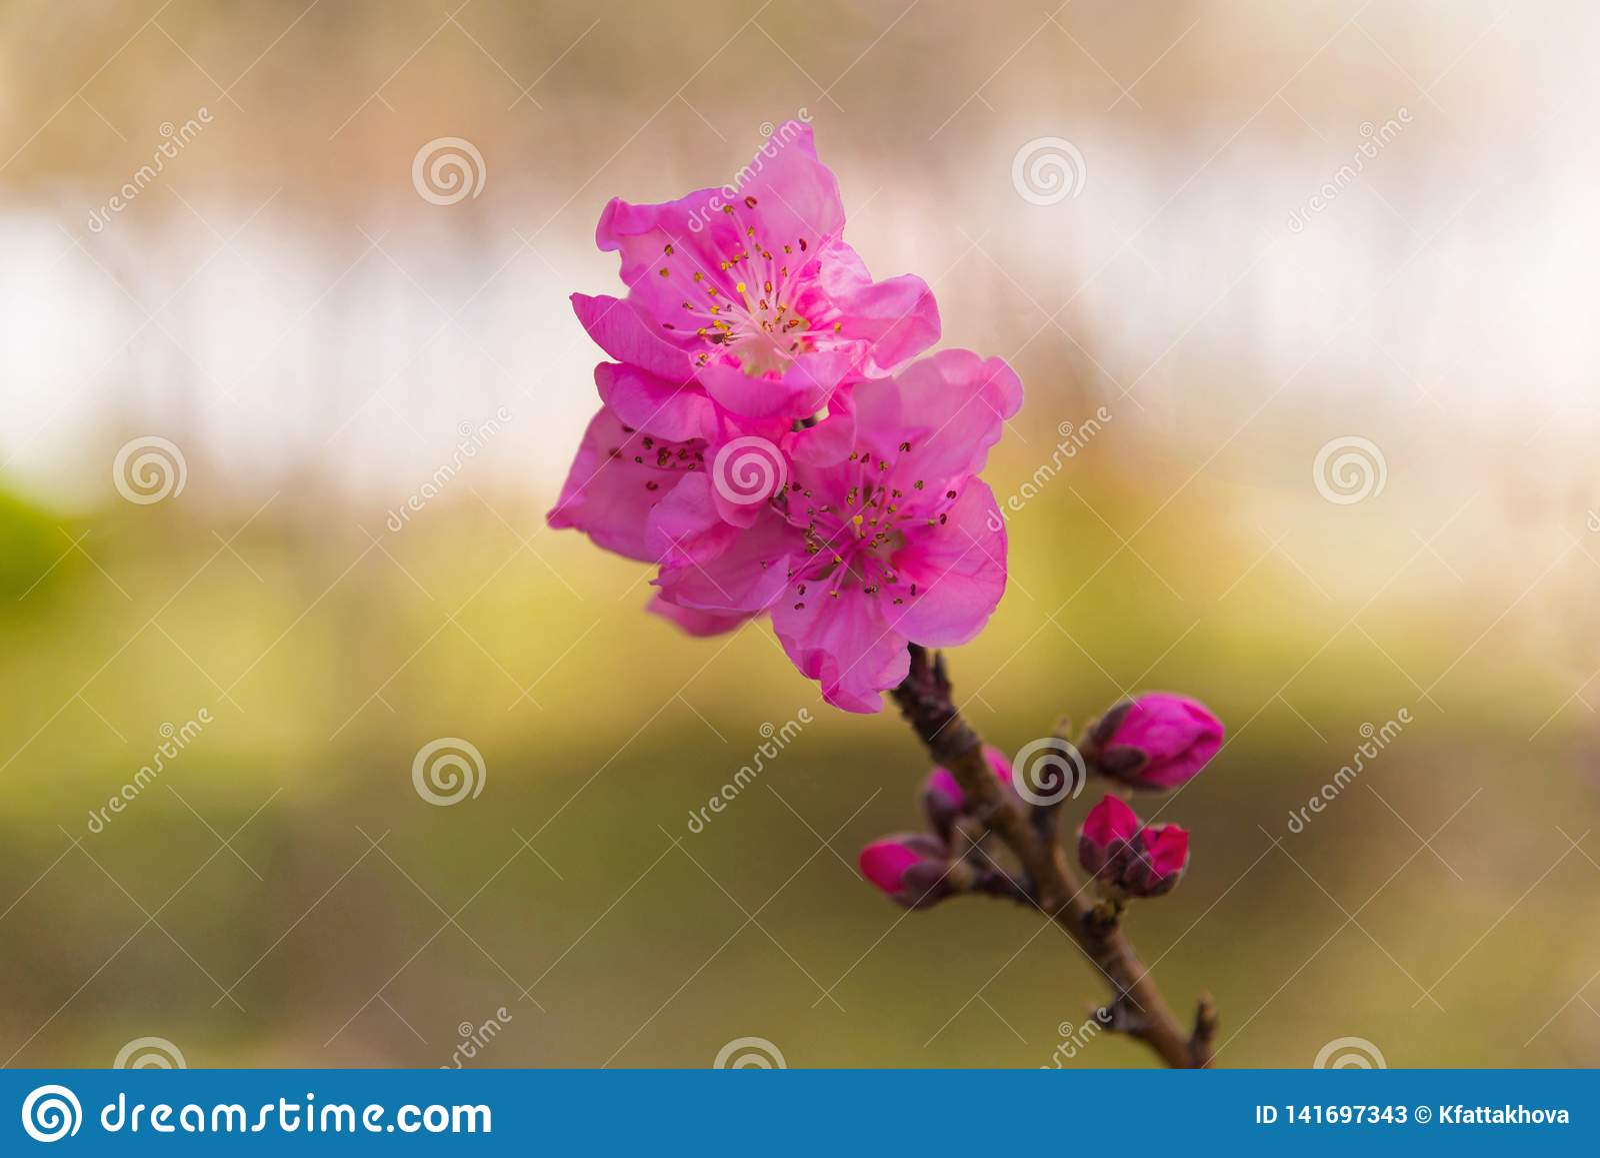 Розовый бутон цветения и цветка персикового дерева весной